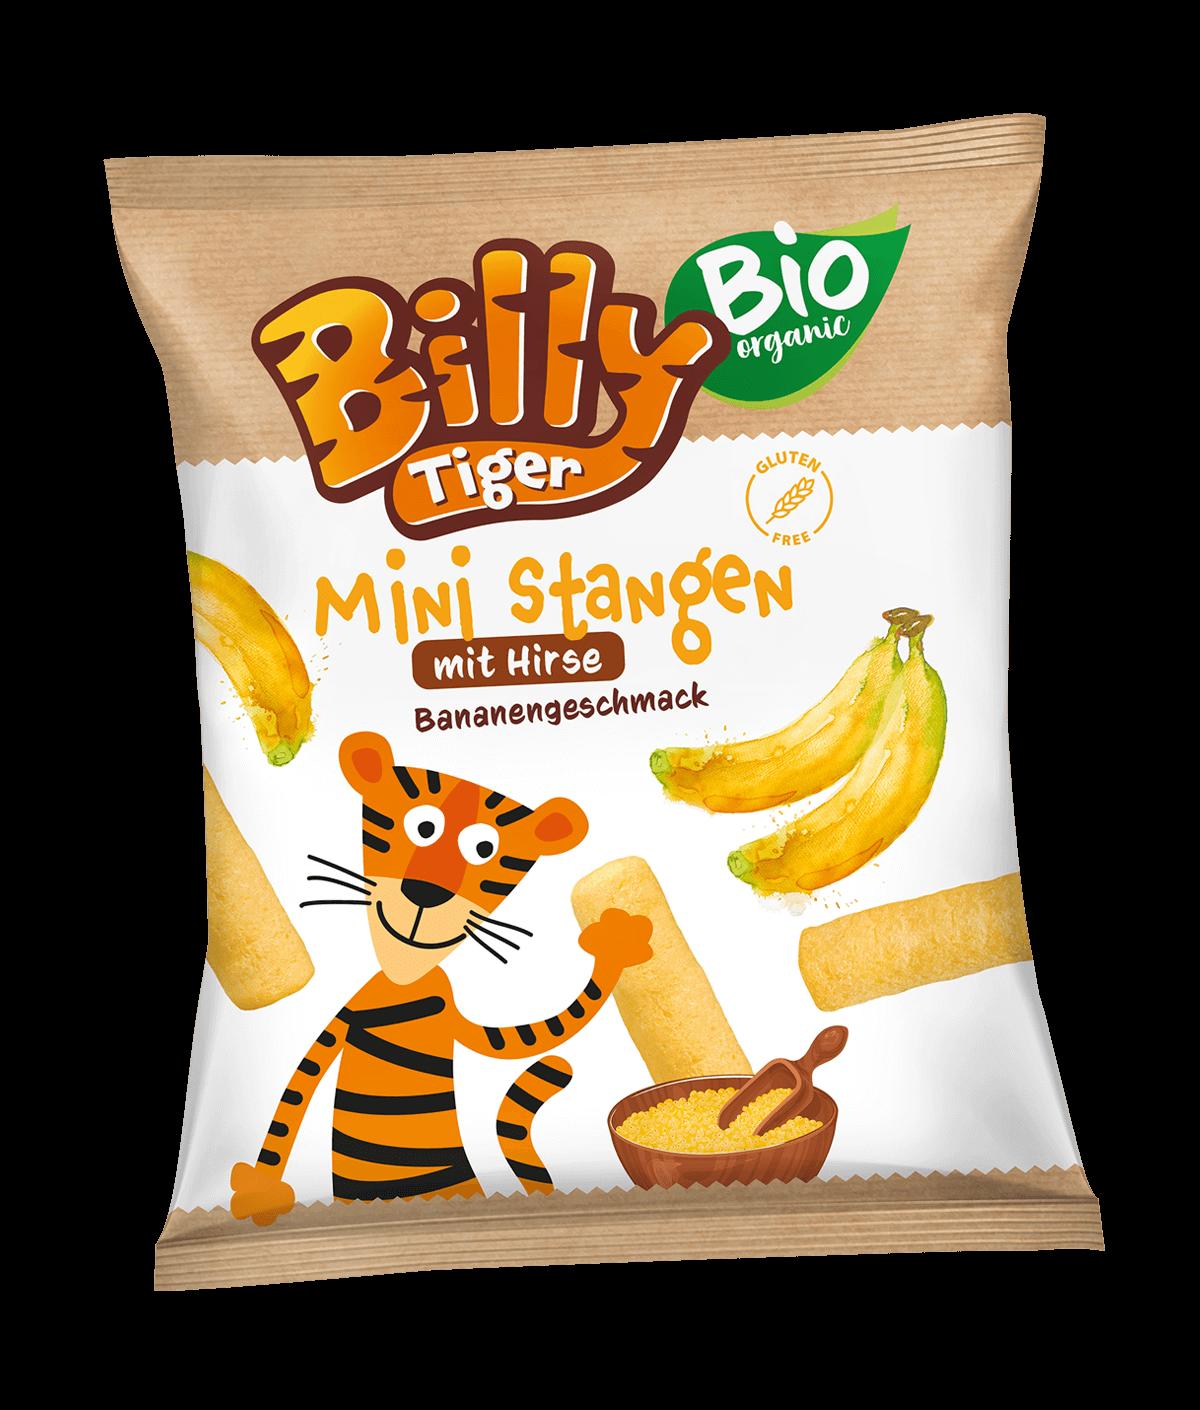 Billy Tiger Ministangen 30g Banan_EAN 5903018640723